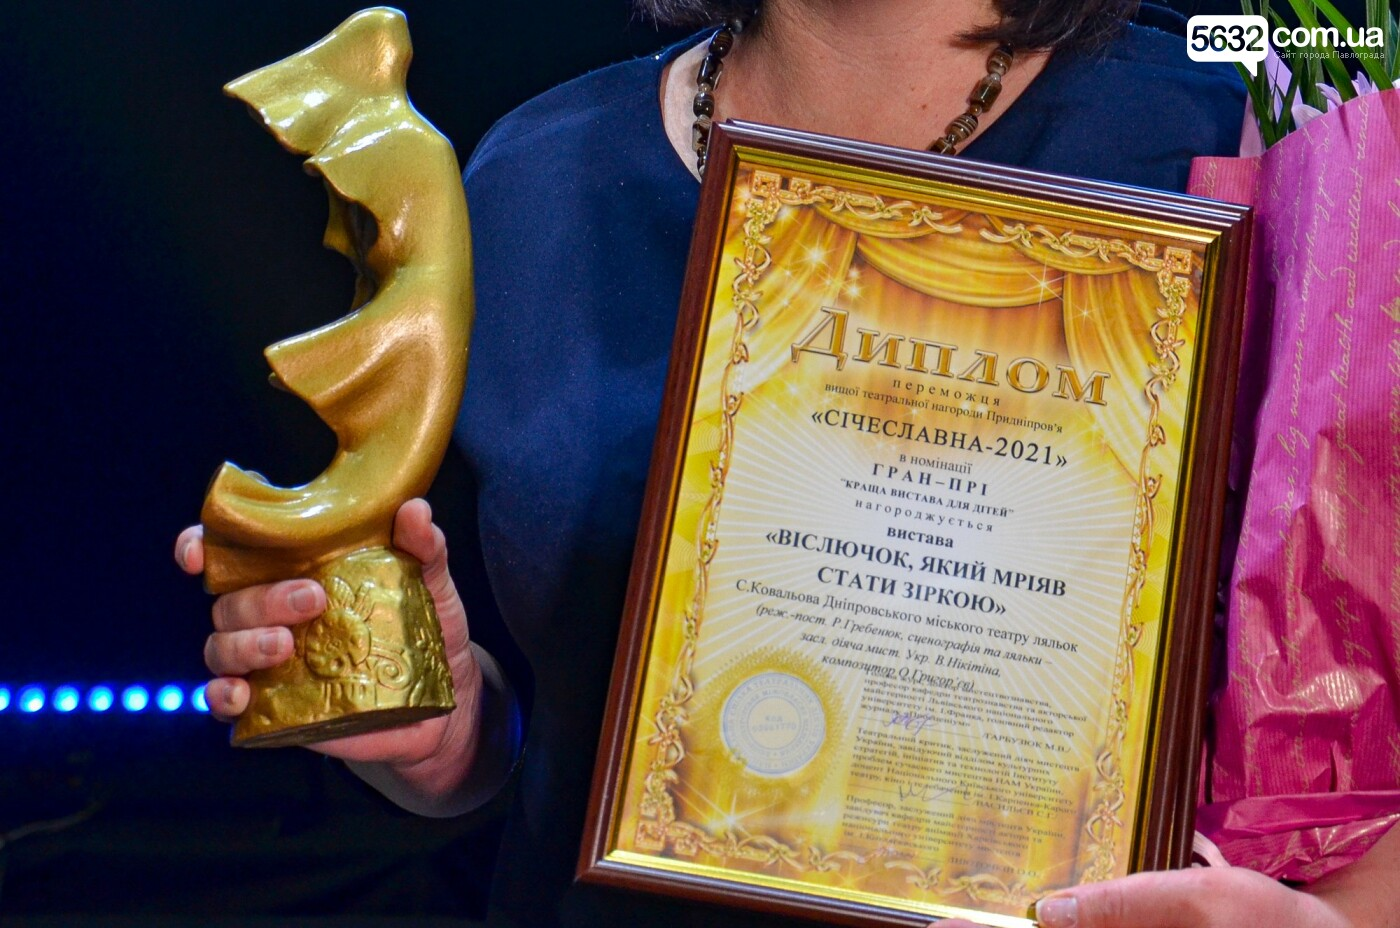 Стало известно, кто получил Гран-при в самом престижном театральном конкурсе Приднепровья «Сичеславна-2021», фото-4